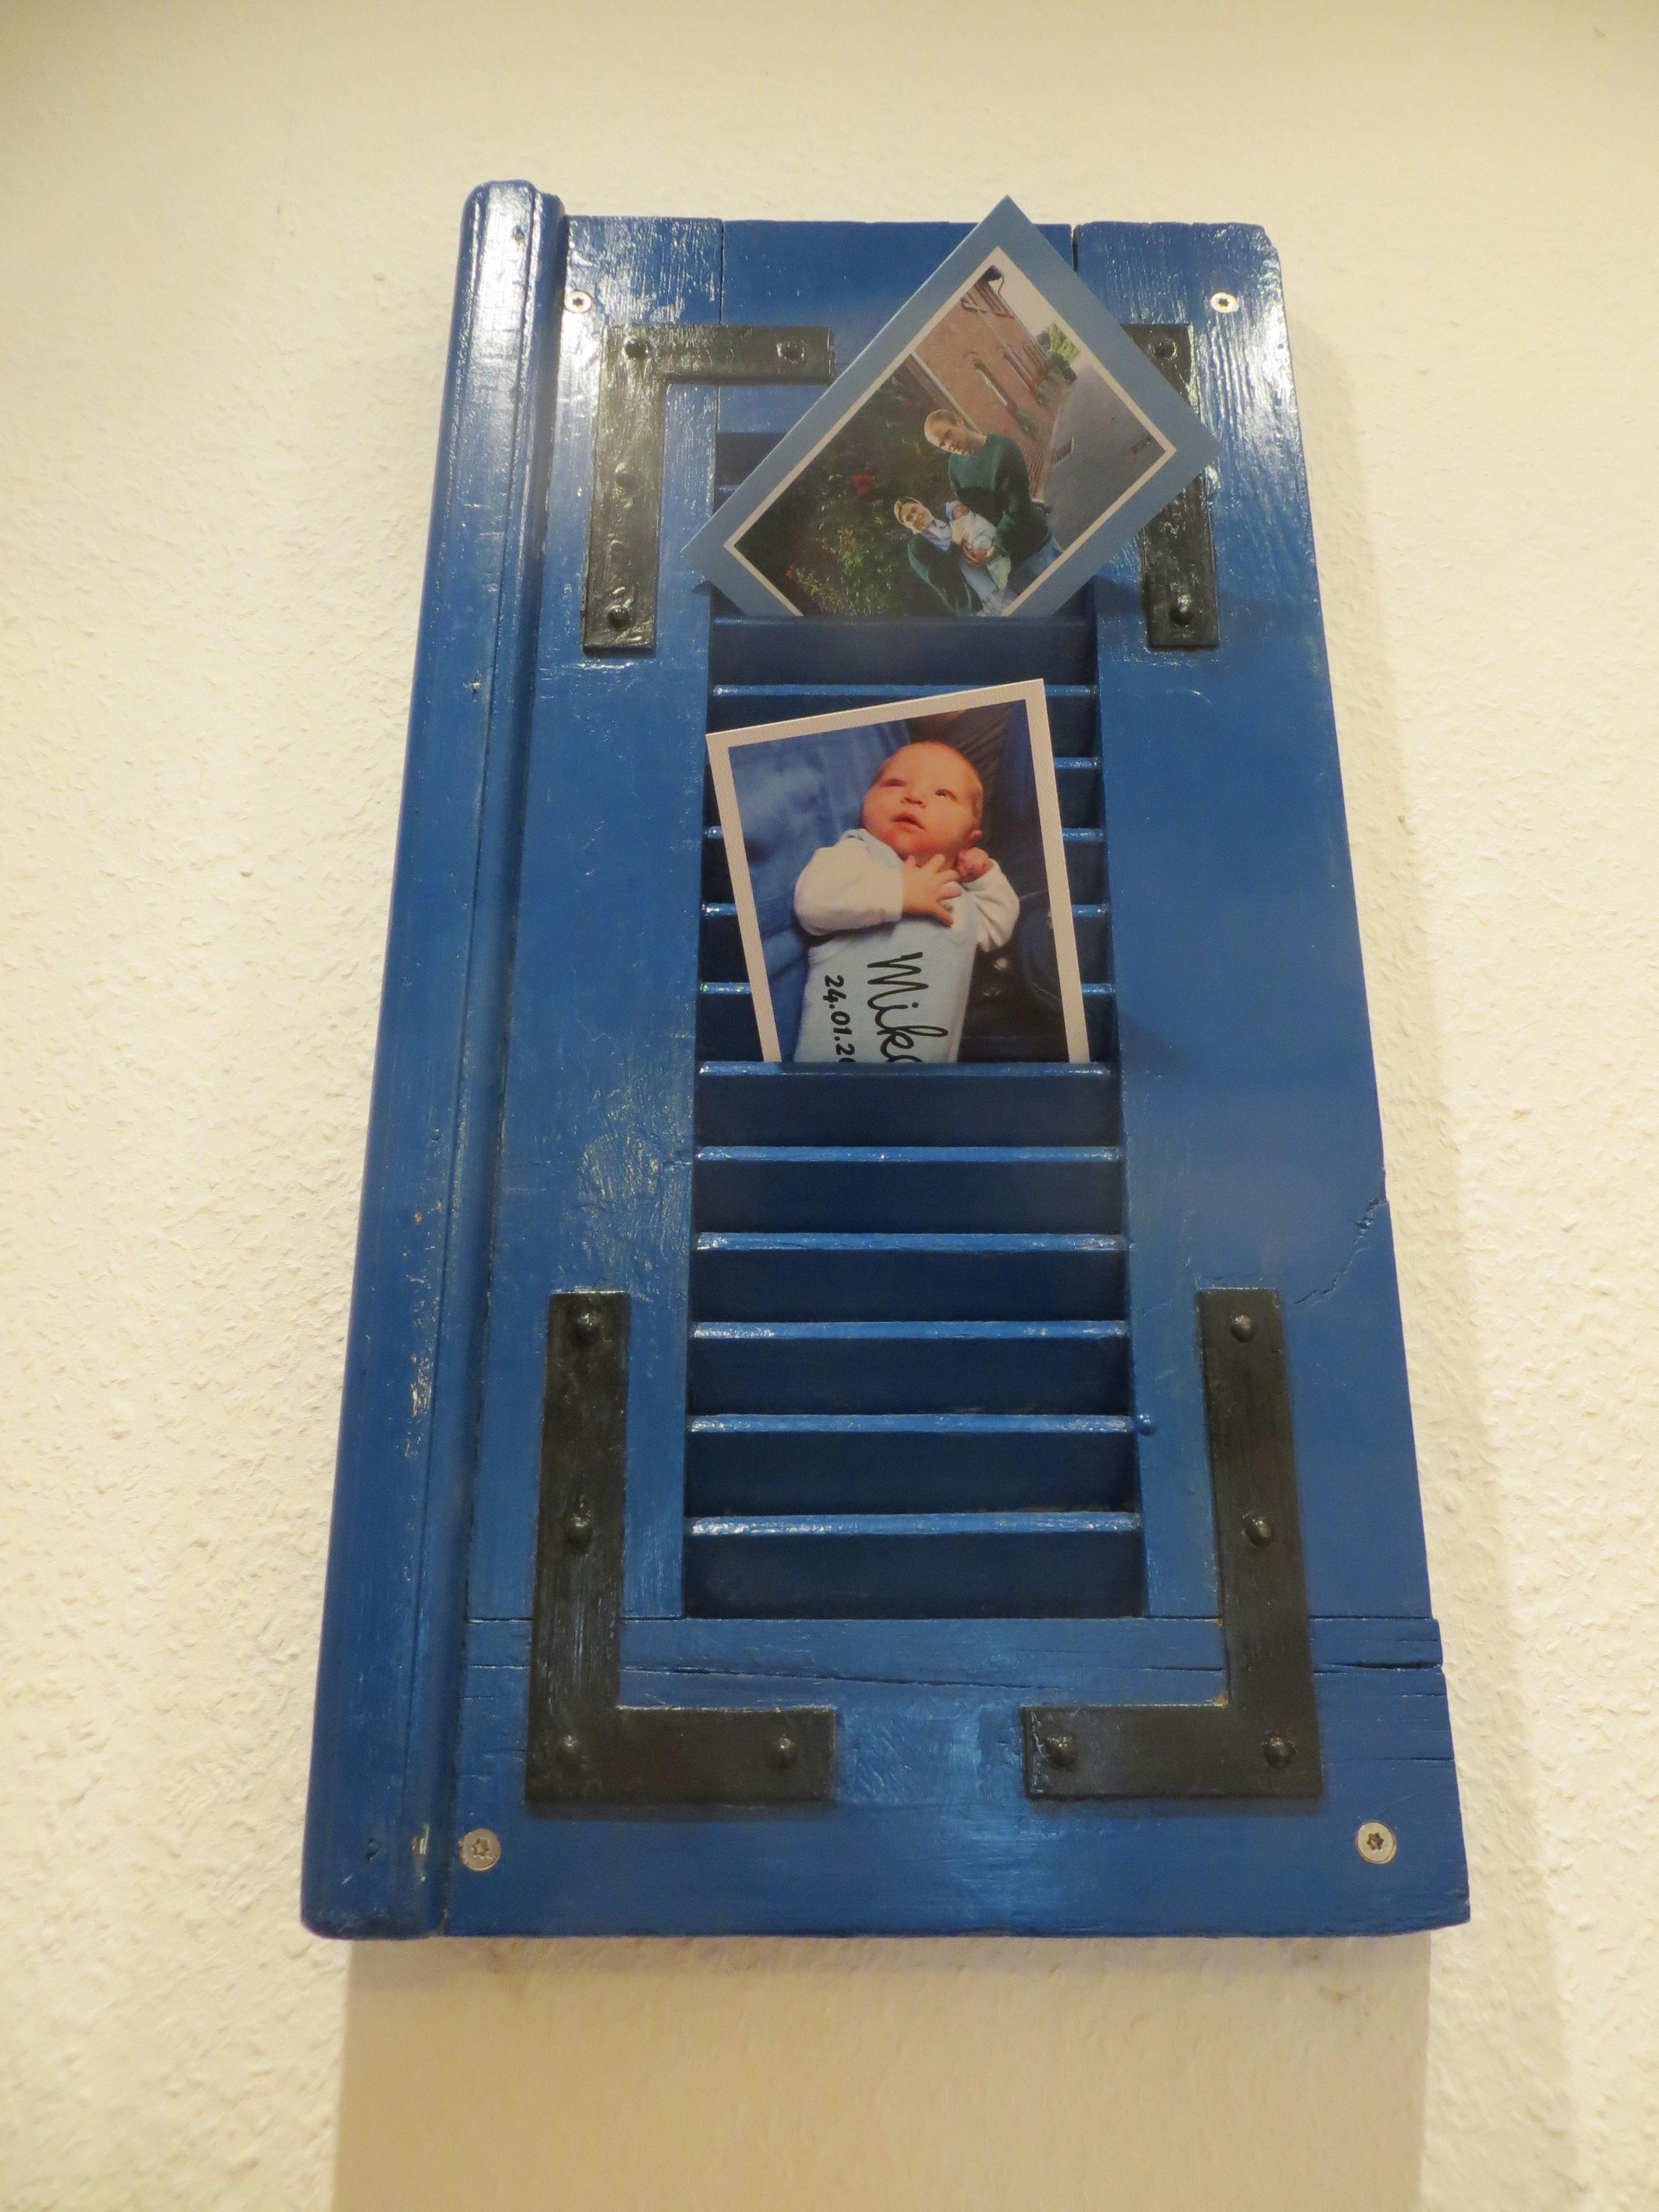 Der Kleine Fensterladen Hängt Im Klo Und Dient Als Postkartenhalter Und Der  Größere Hängt Im Wohnzimmer Als Zeitschriften Halter Und Ich Muss Sagen Sie  ...